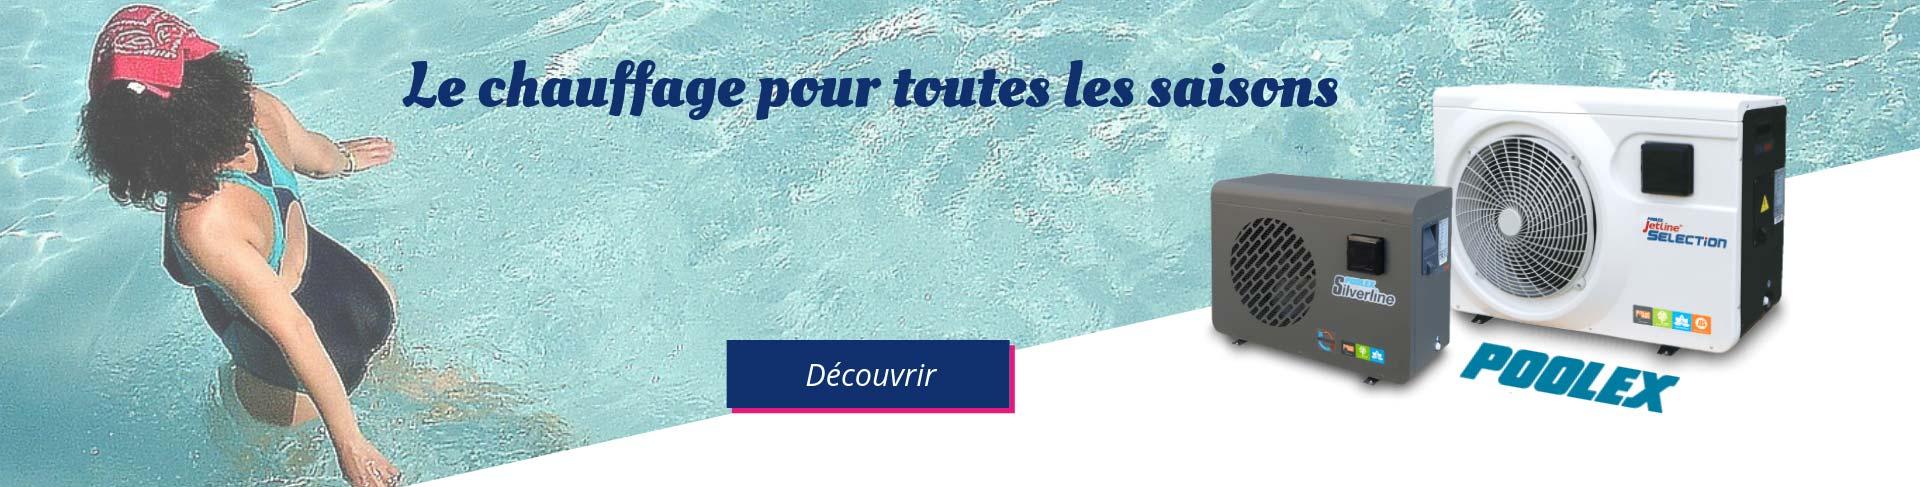 Matériels Et Accessoires Pour Piscine - Boutique Nantalo intérieur France Accessoires Piscine